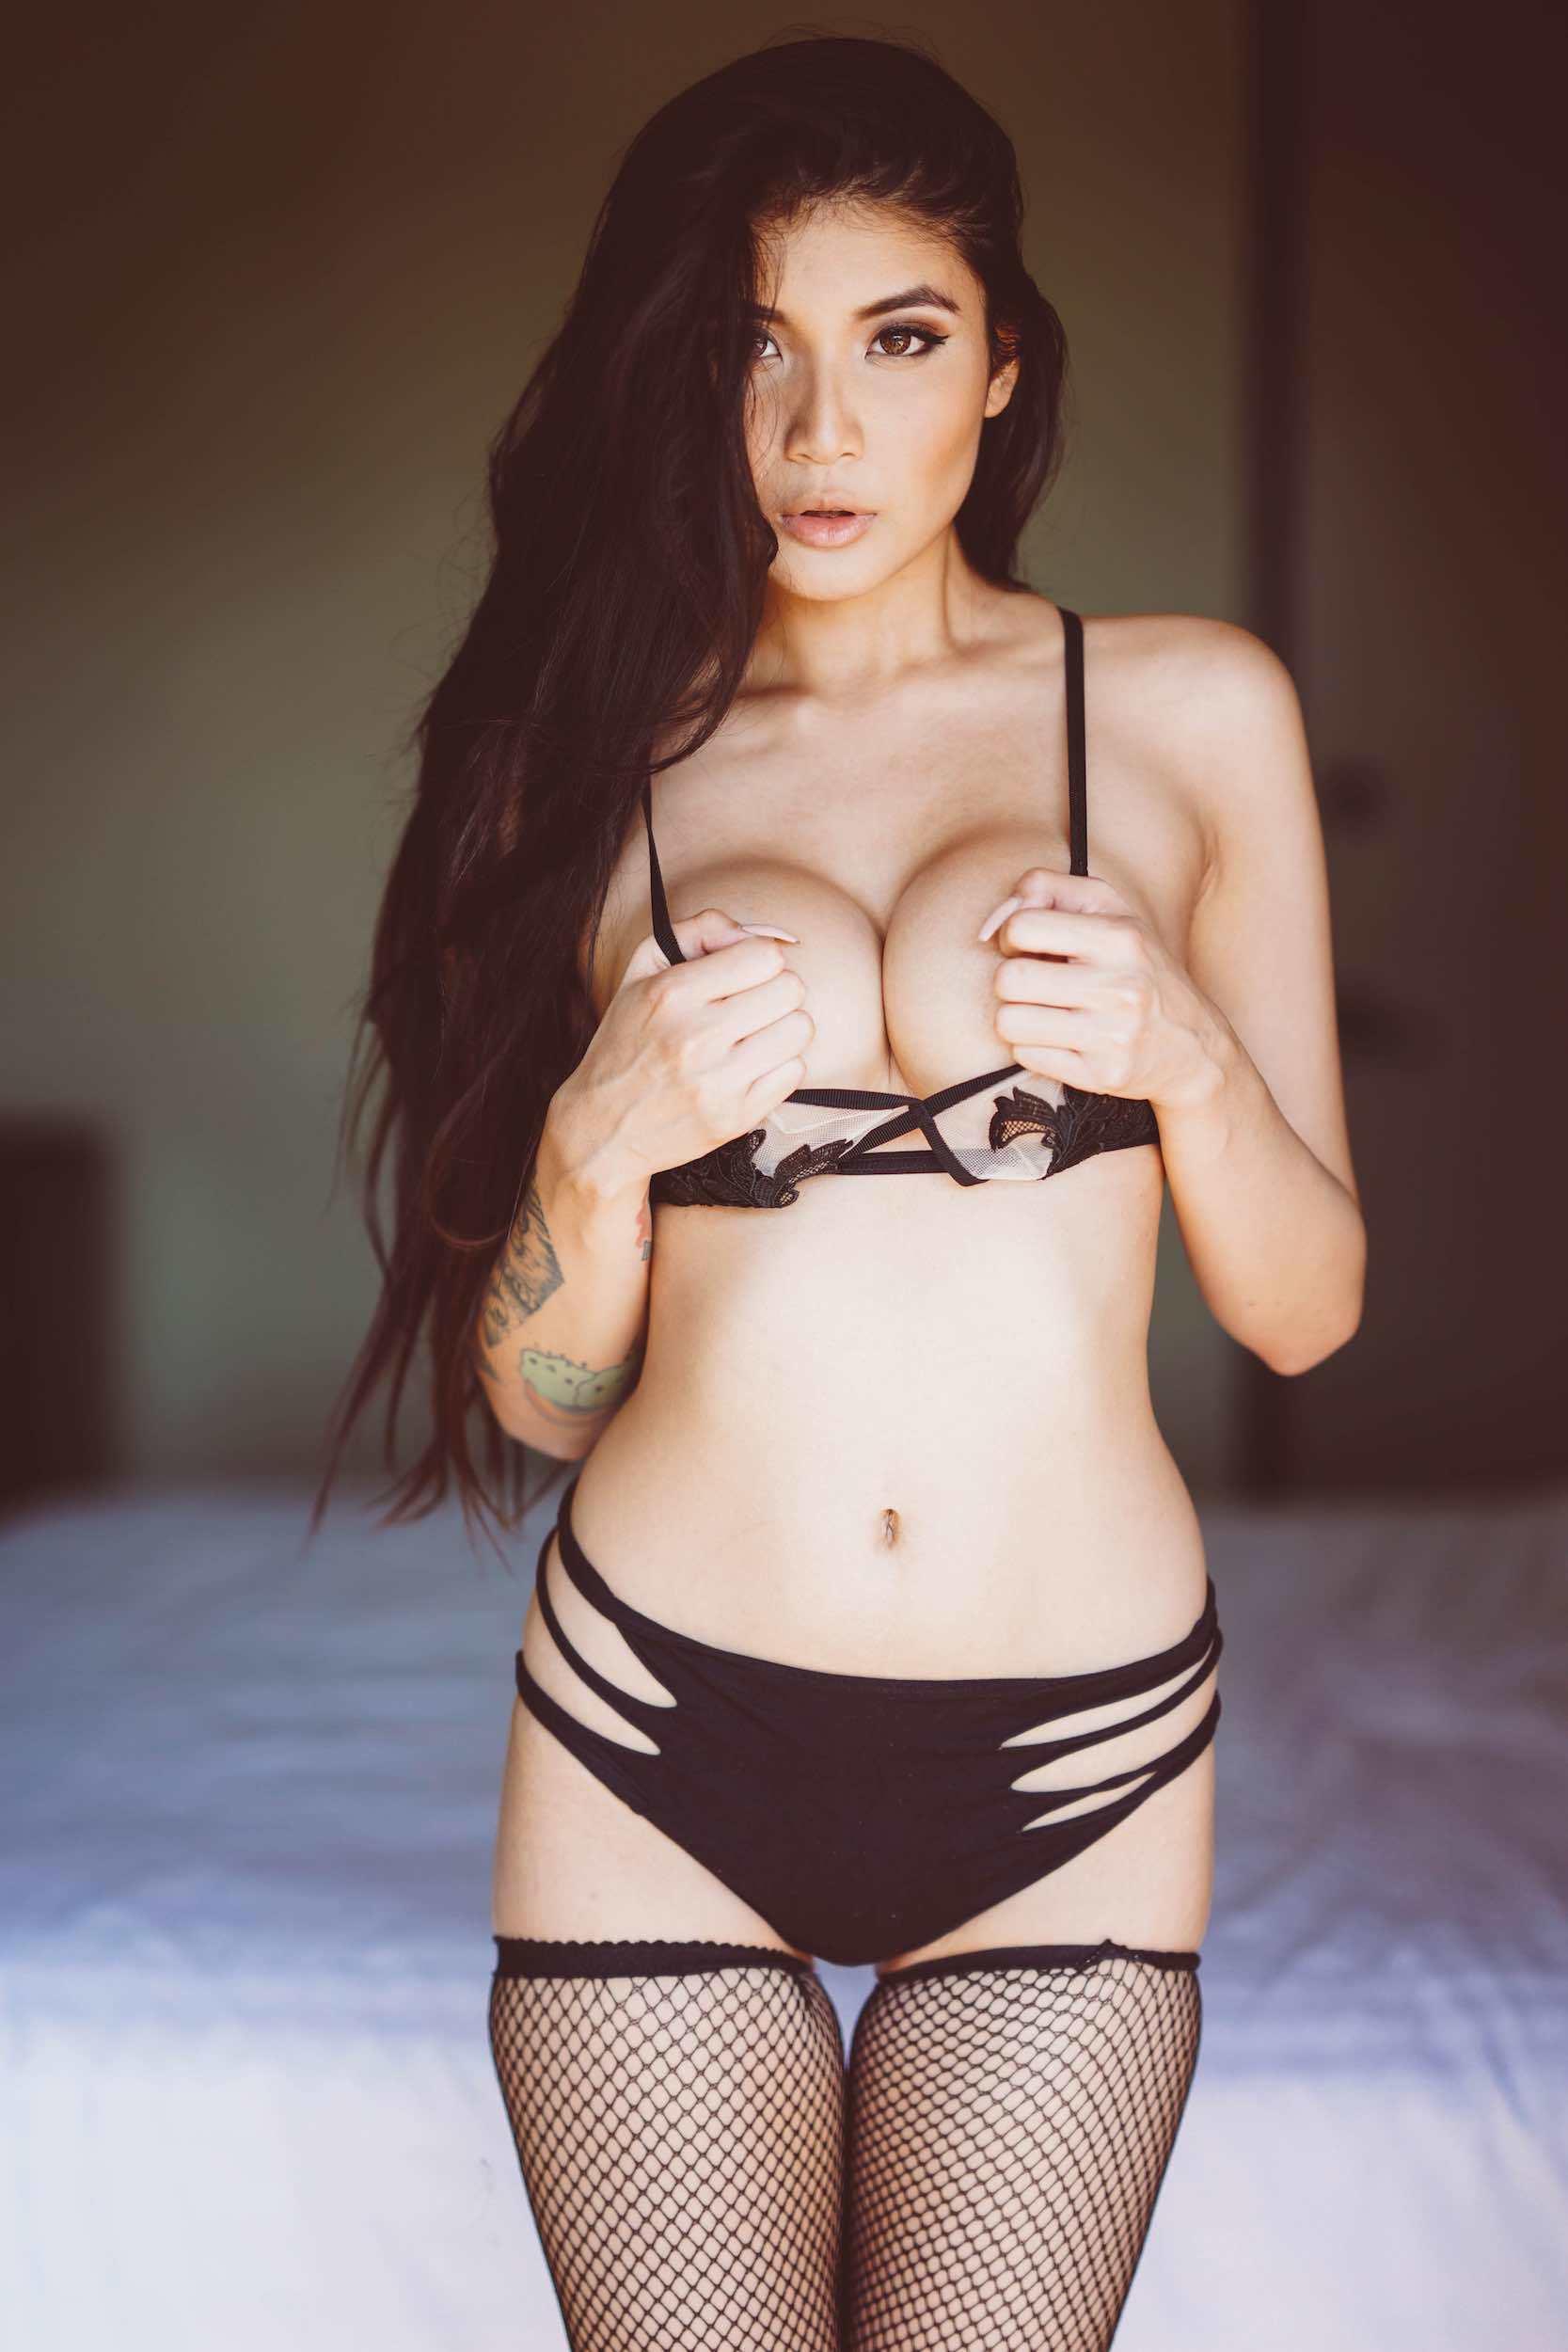 titta på gratis porr hustler porno